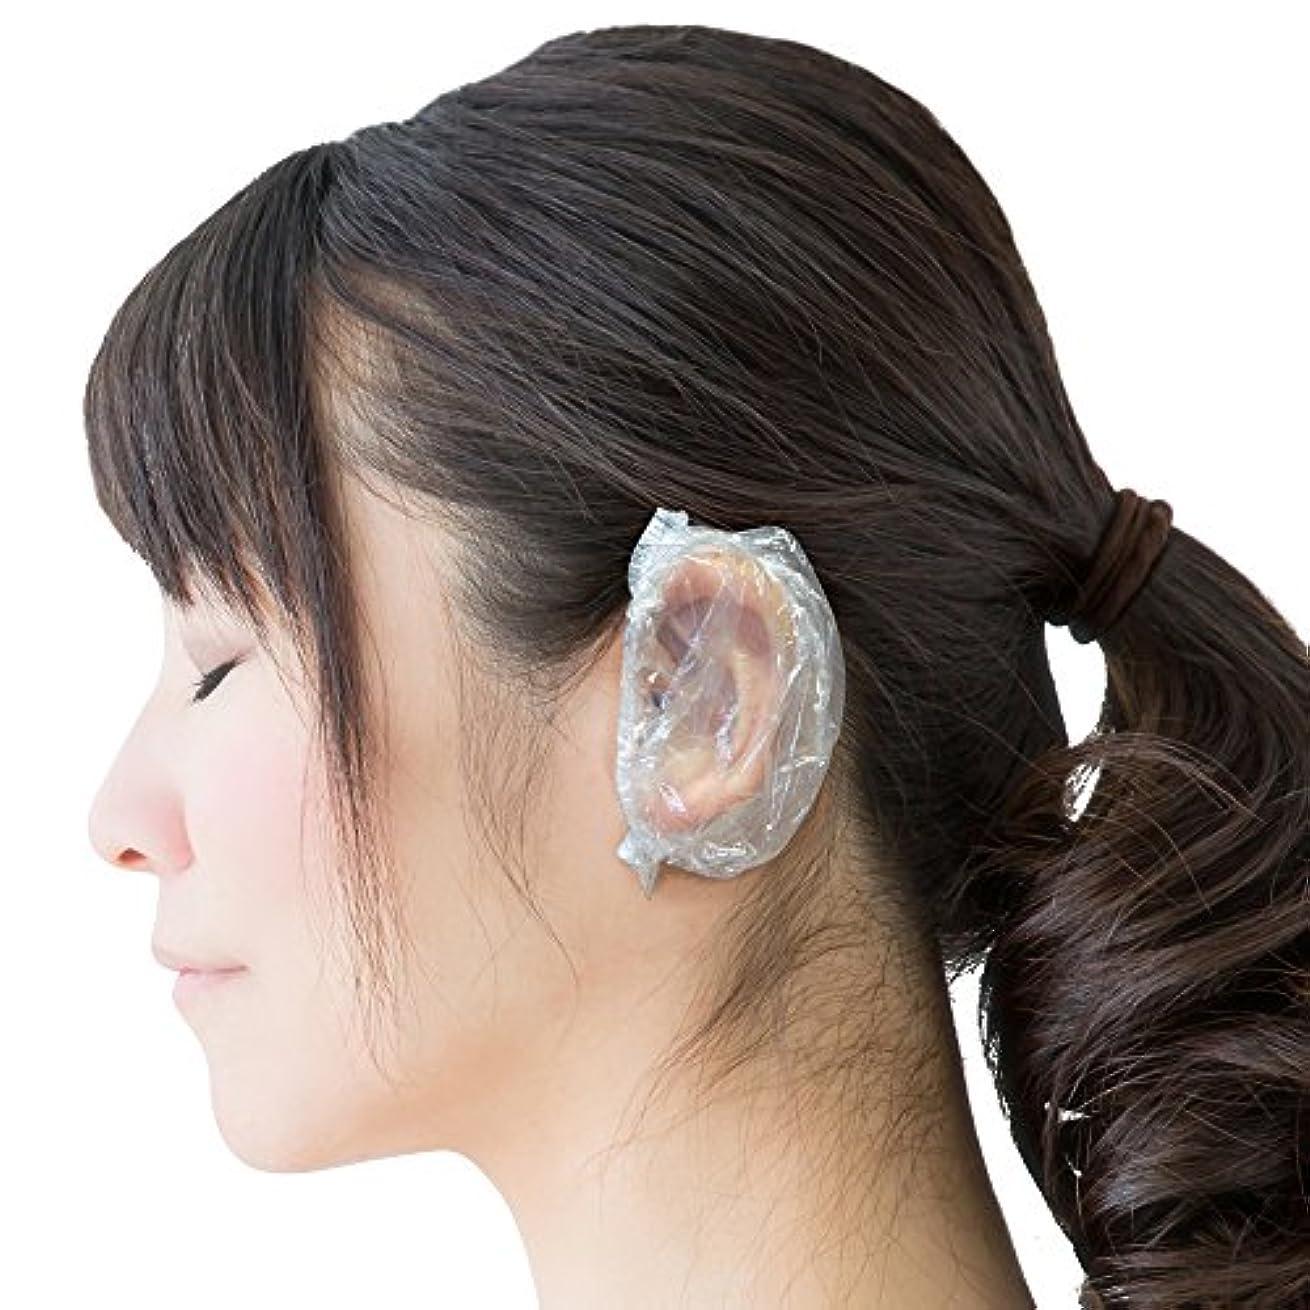 保育園わずかに左【Fiveten】 耳キャップ イヤーキャップ 耳カバー 毛染め 使い捨て 100個